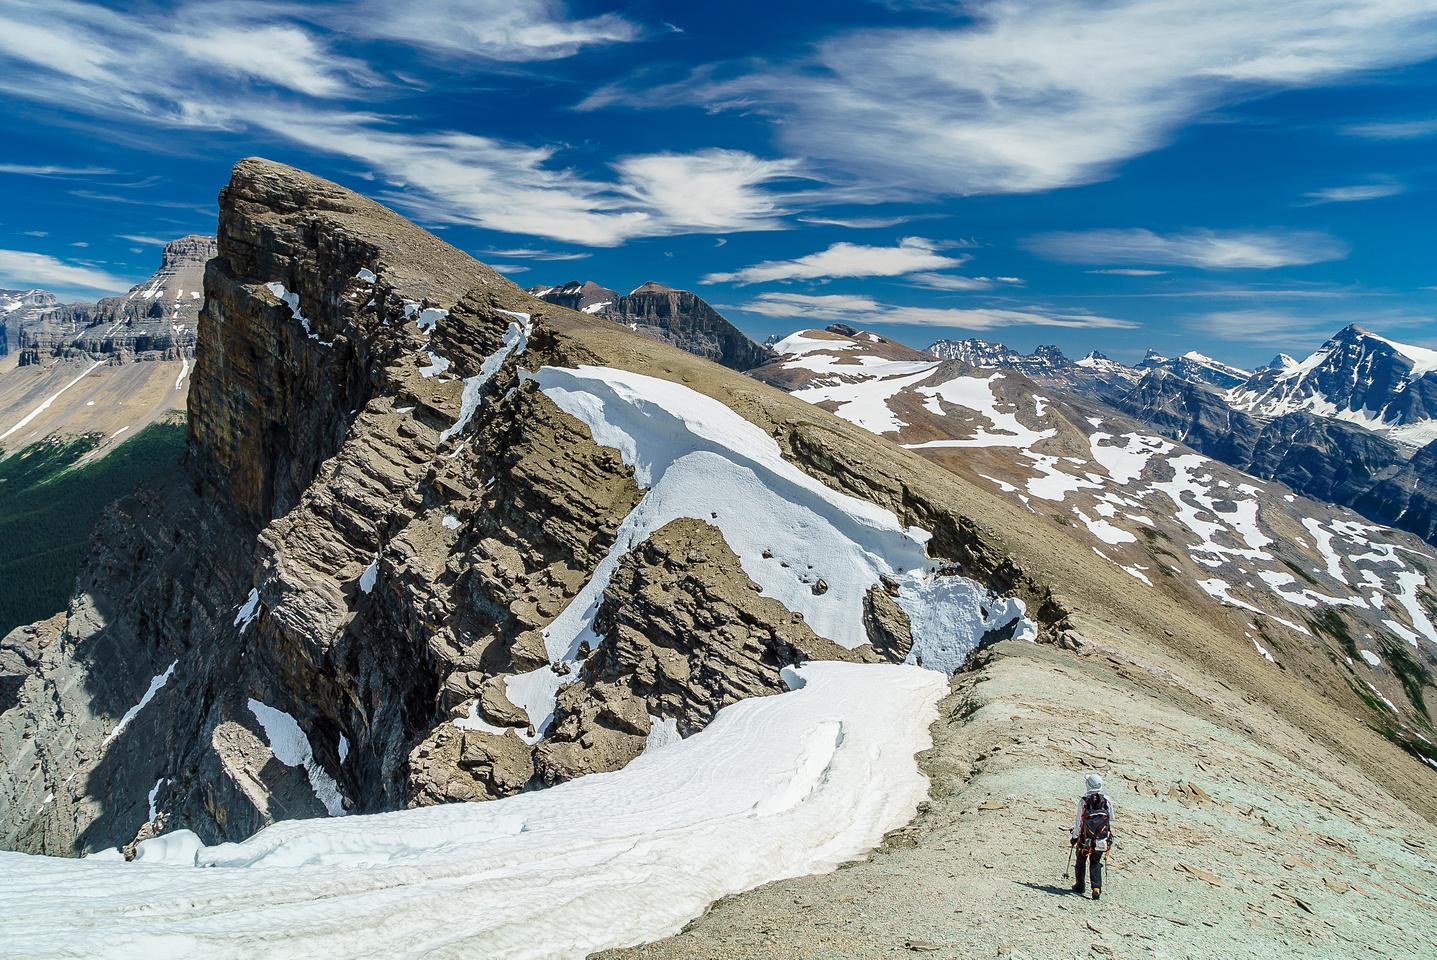 Finally on the last bit of ridge to the summit.